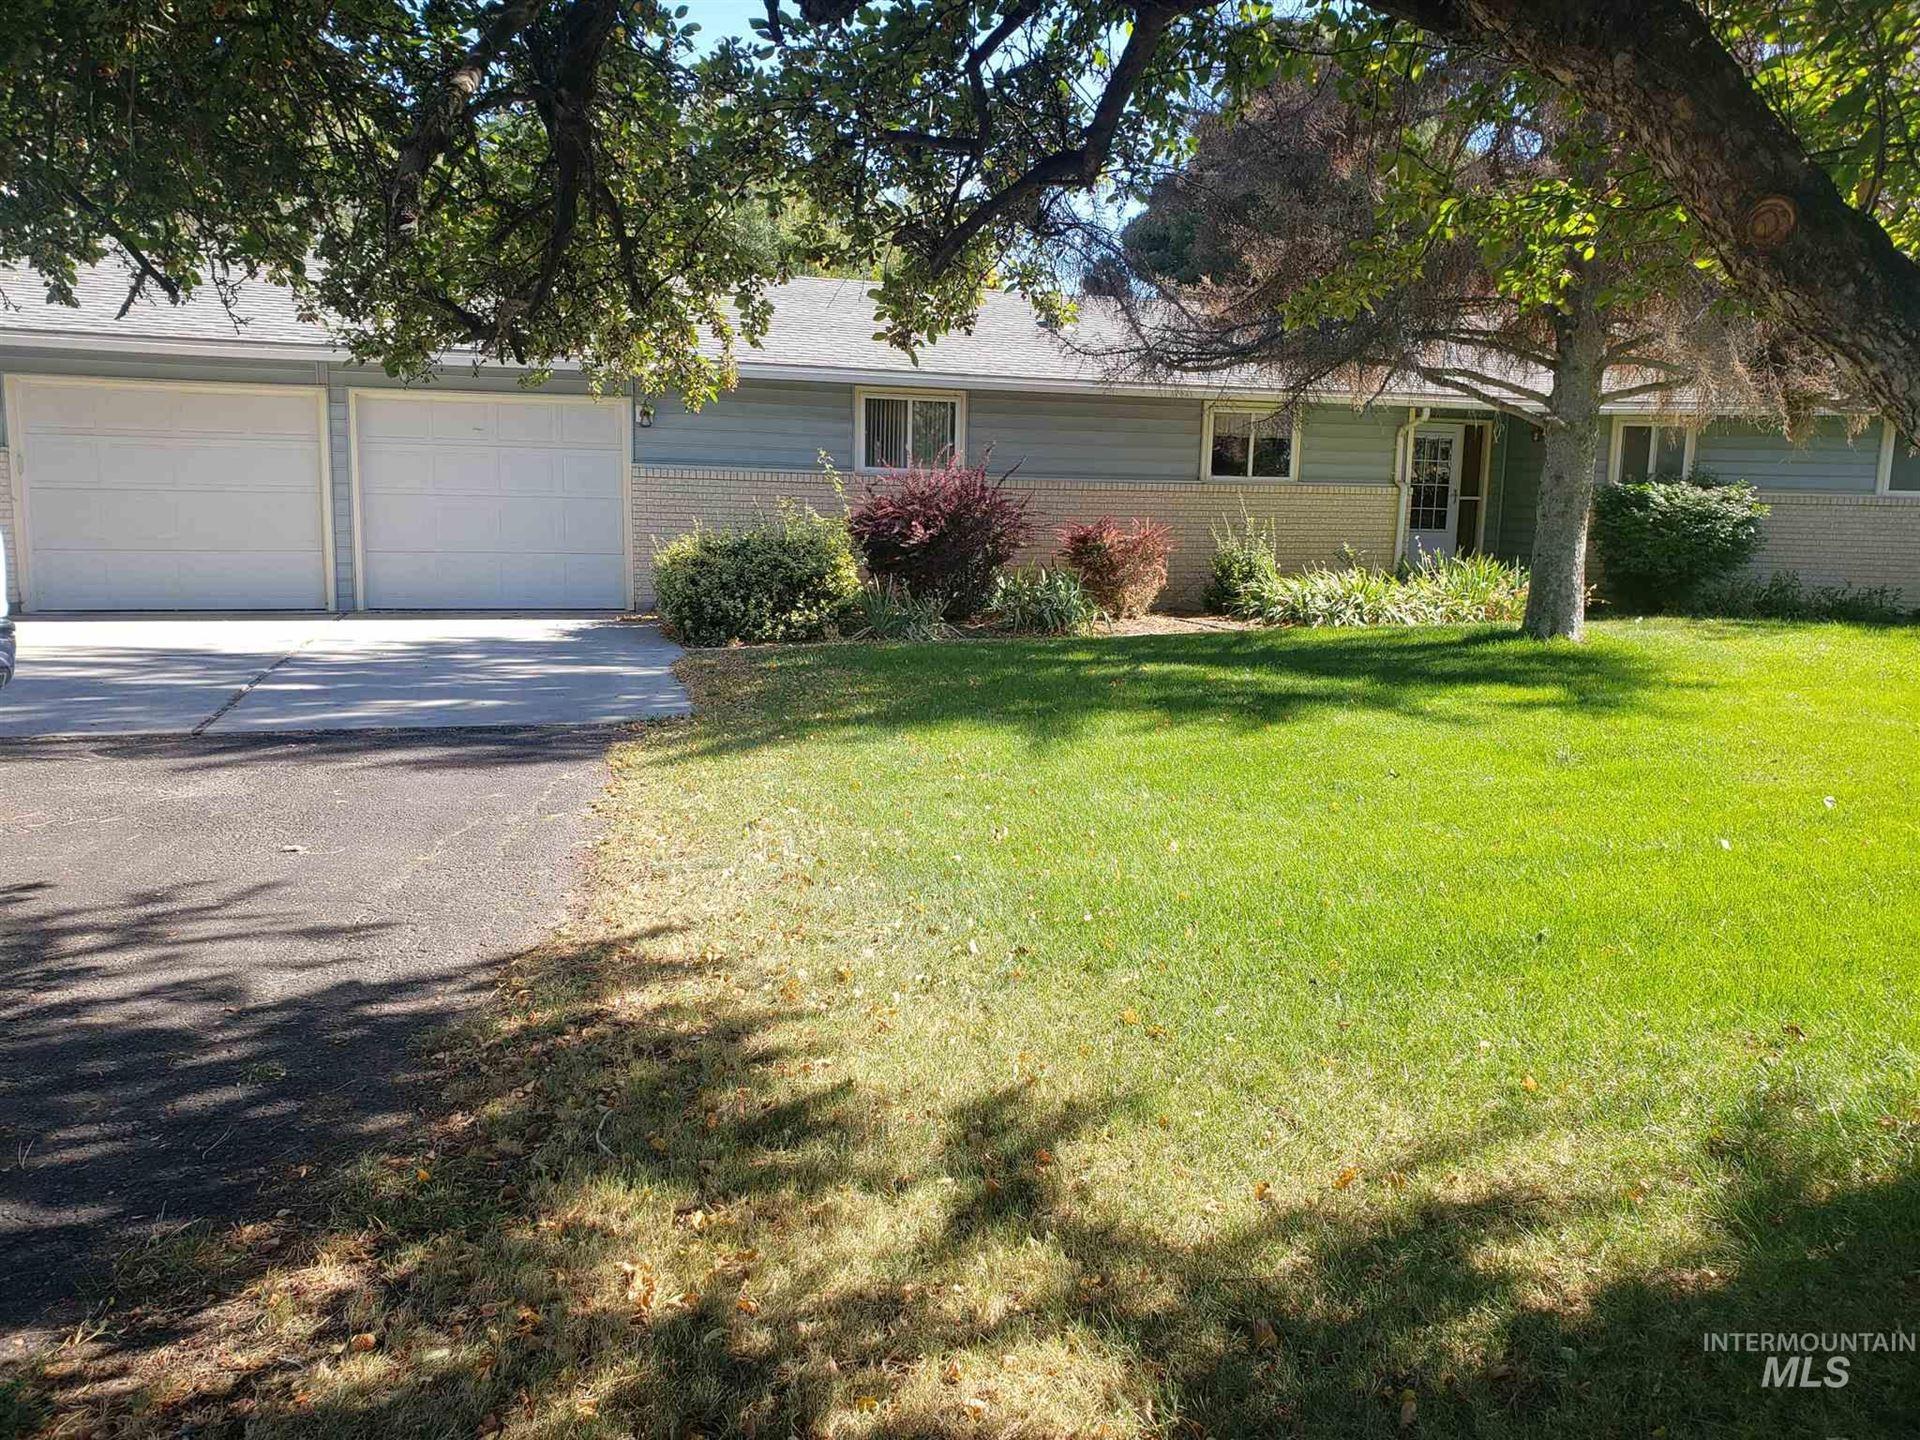 Photo of 5360 S Linder Rd, Meridian, ID 83642 (MLS # 98782512)